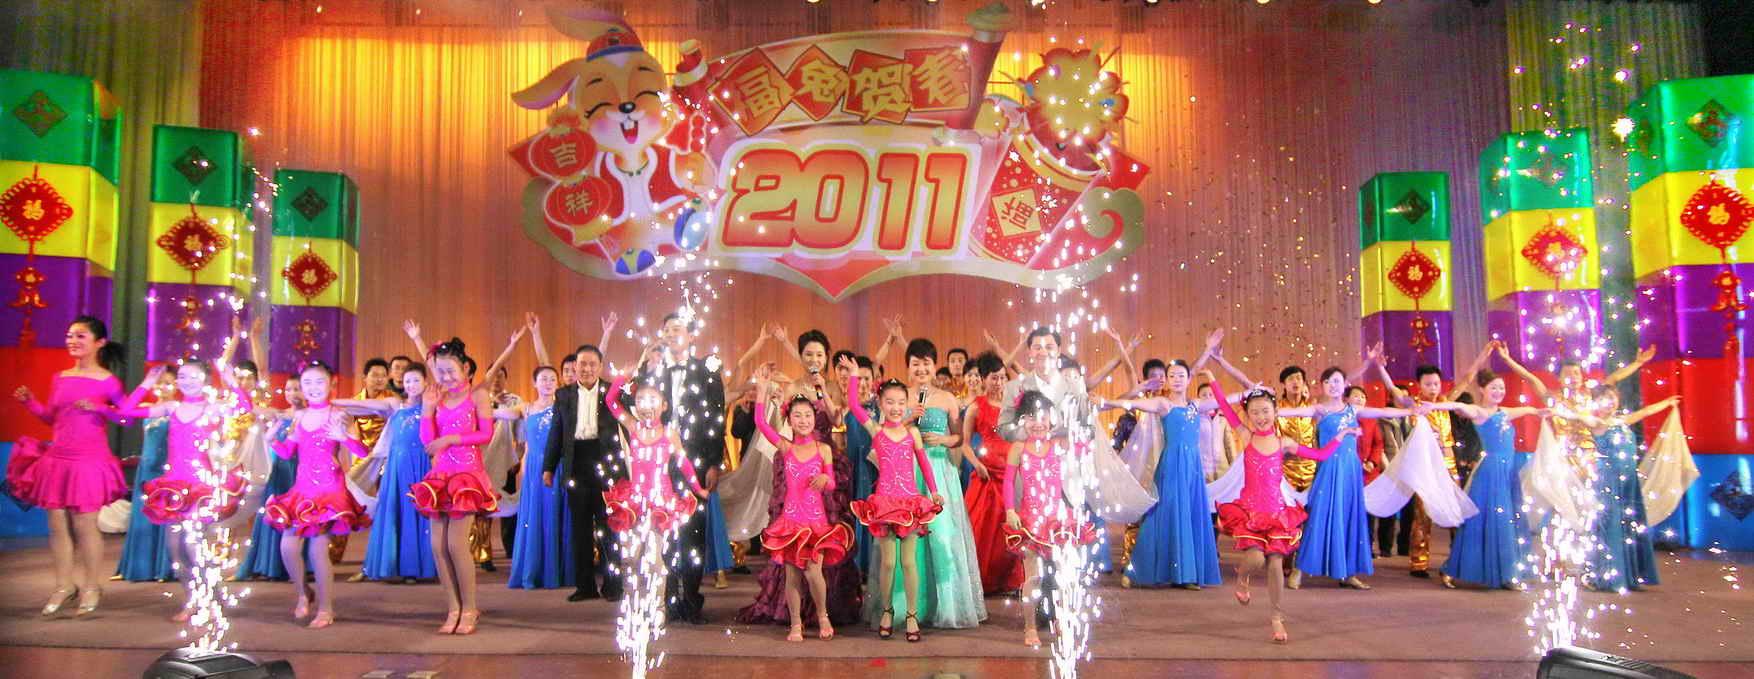 公司成功举办2011年迎新春联欢会